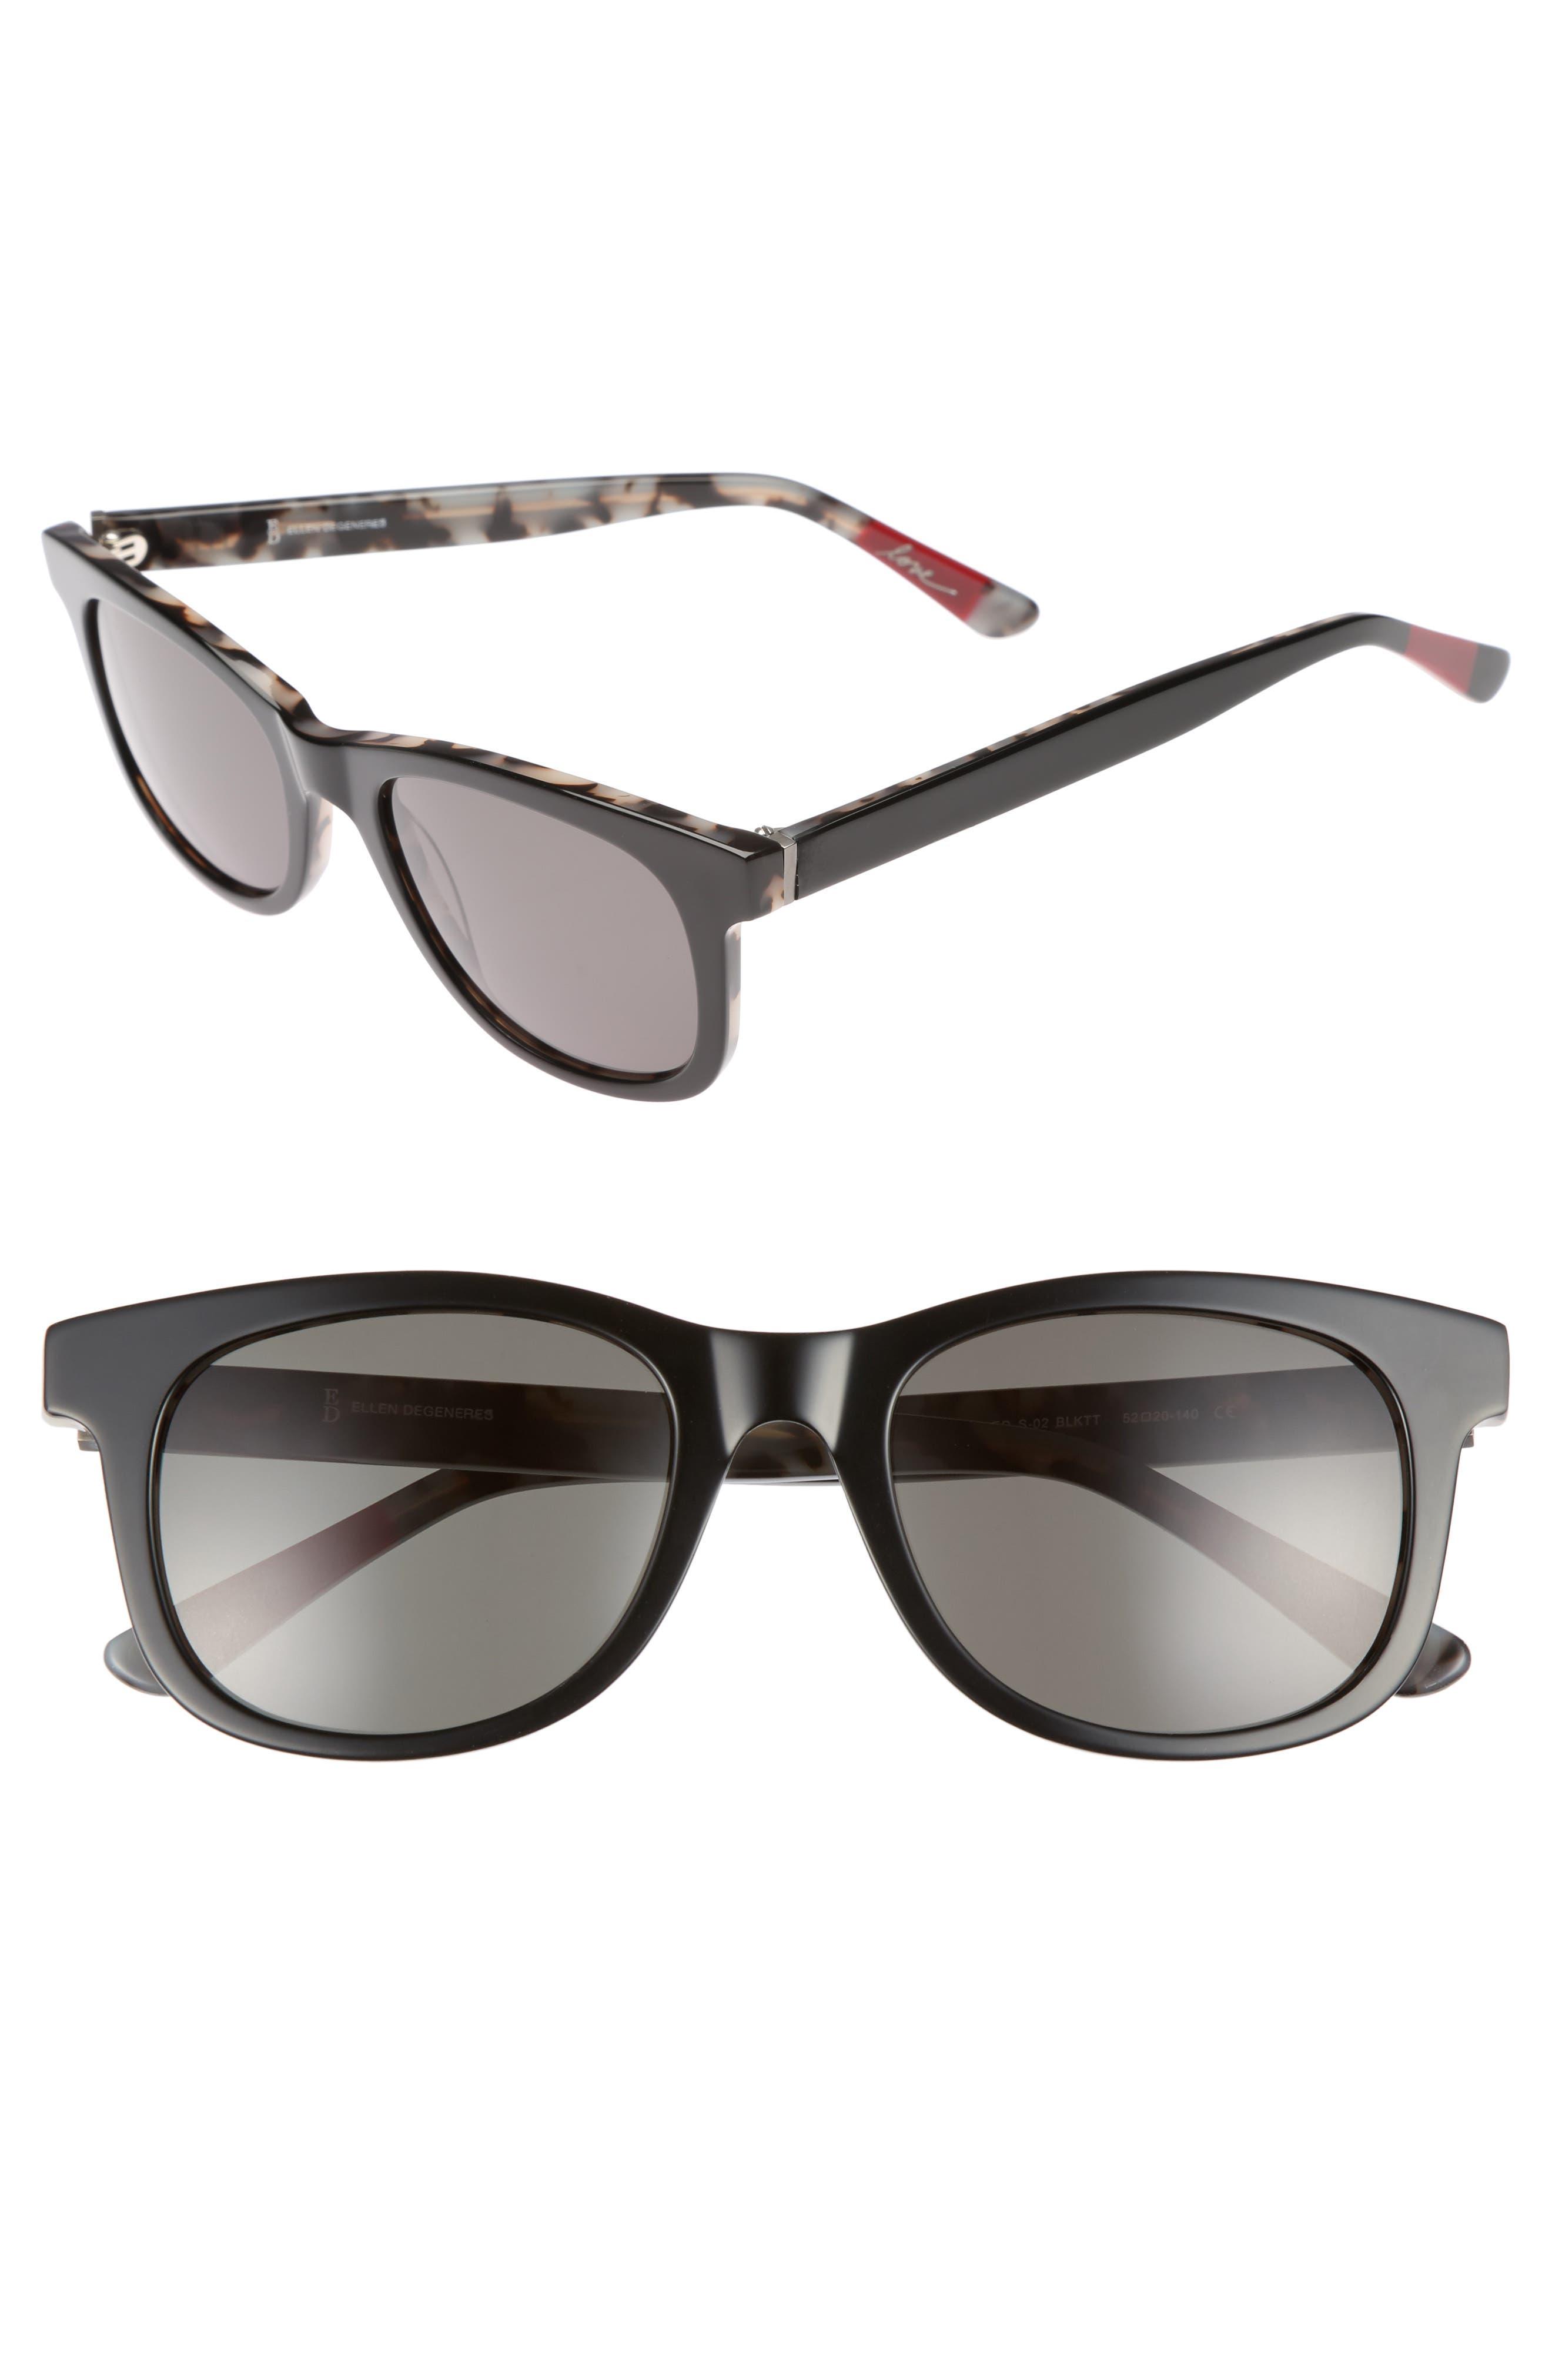 52mm Gradient Sunglasses,                             Main thumbnail 1, color,                             Black Tortoise